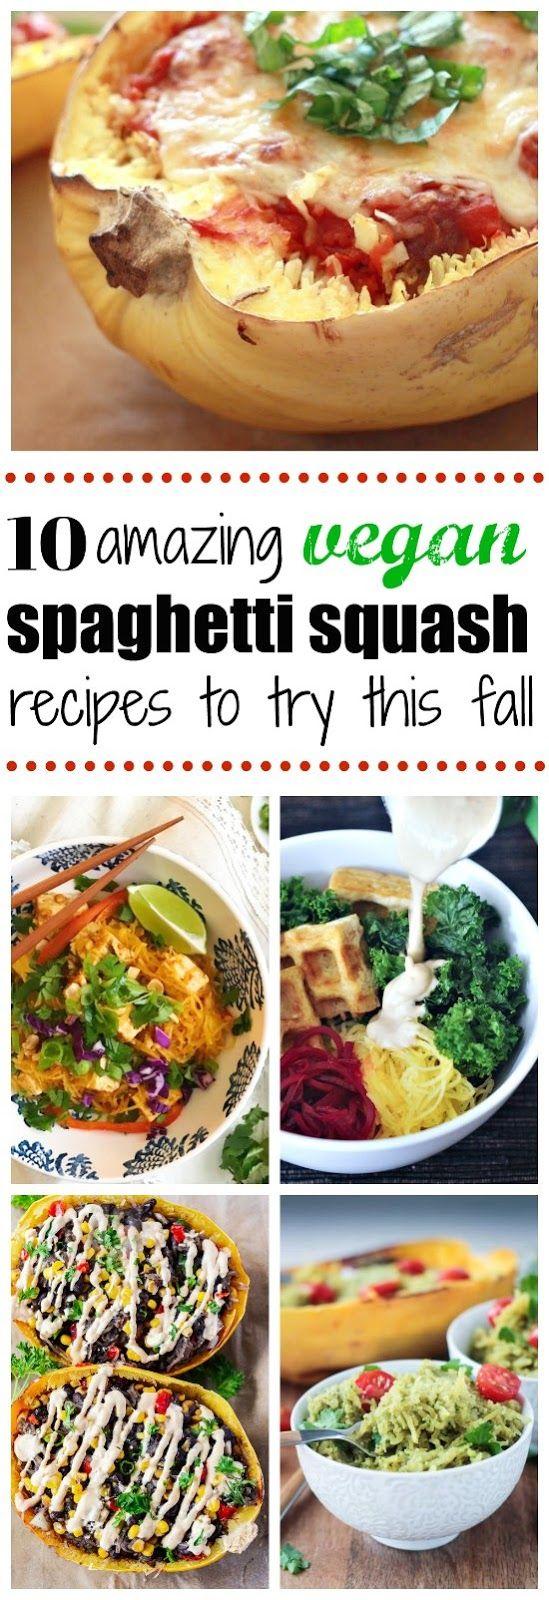 """Delicious vegan spaghetti squash recipes for spaghetti squash Pad Thai to vegan spaghetti squash and """"meatballs"""""""